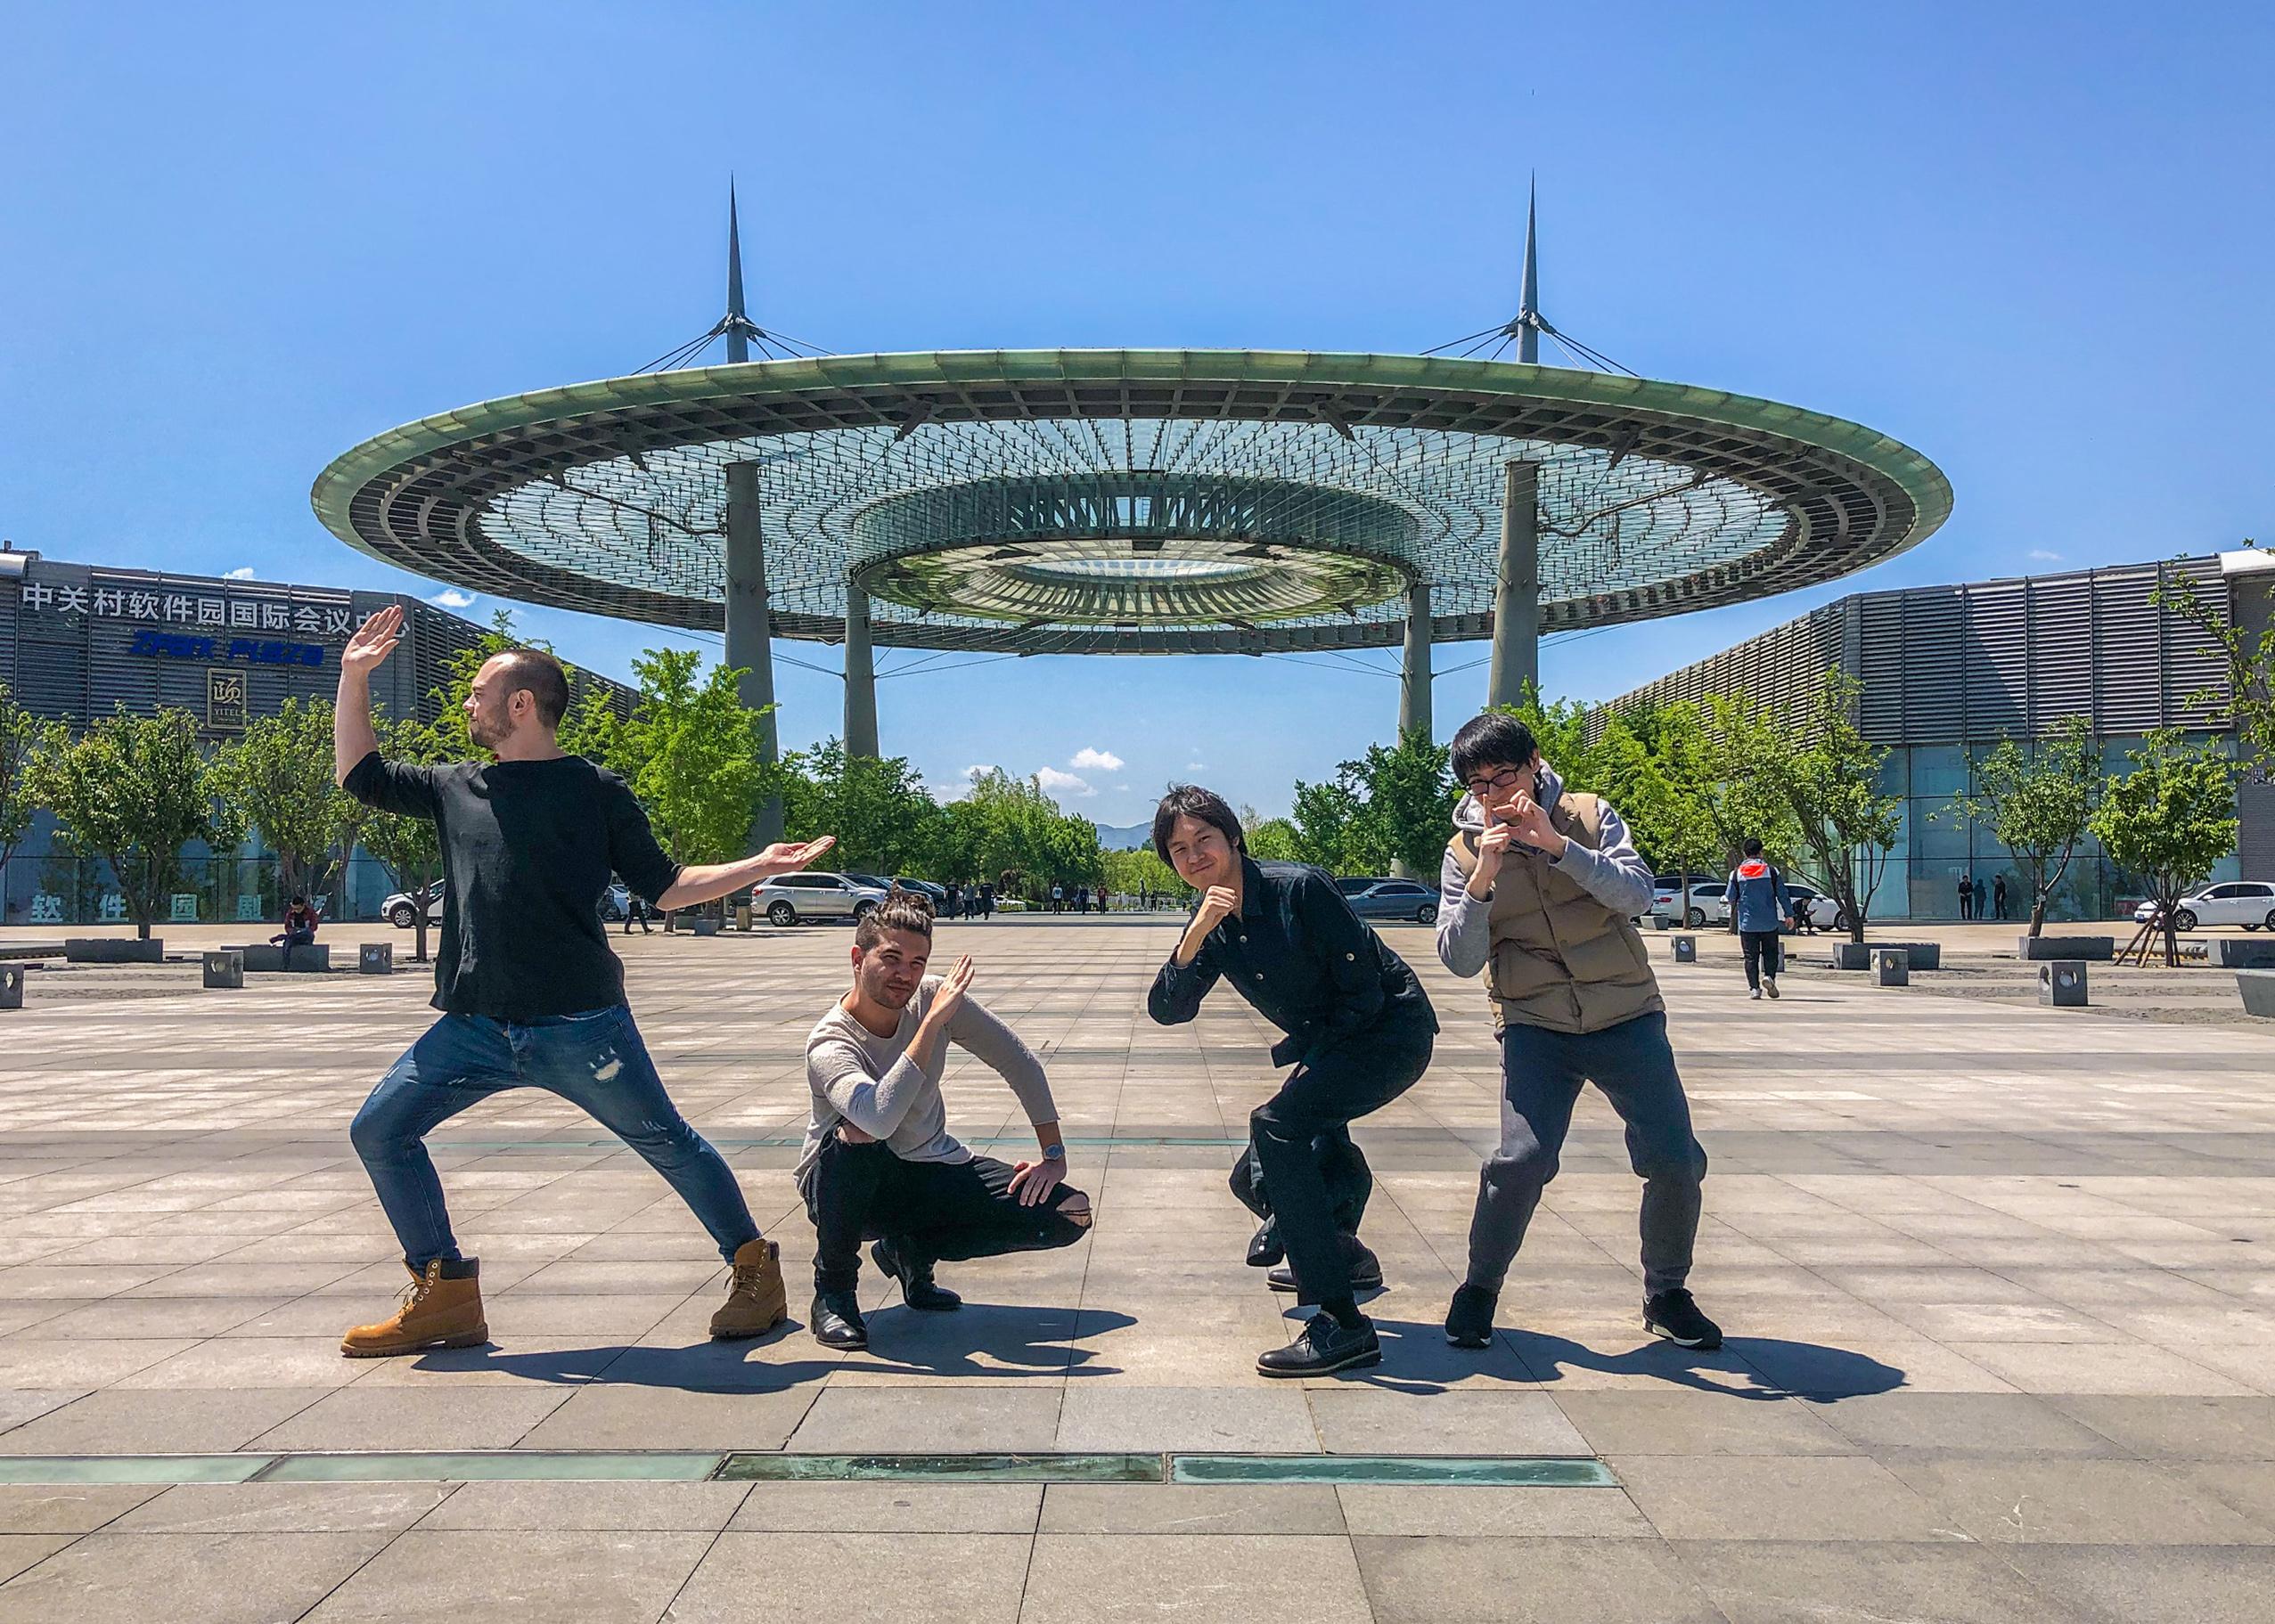 PTMIND at Beijing's Zhongguancun Software Park